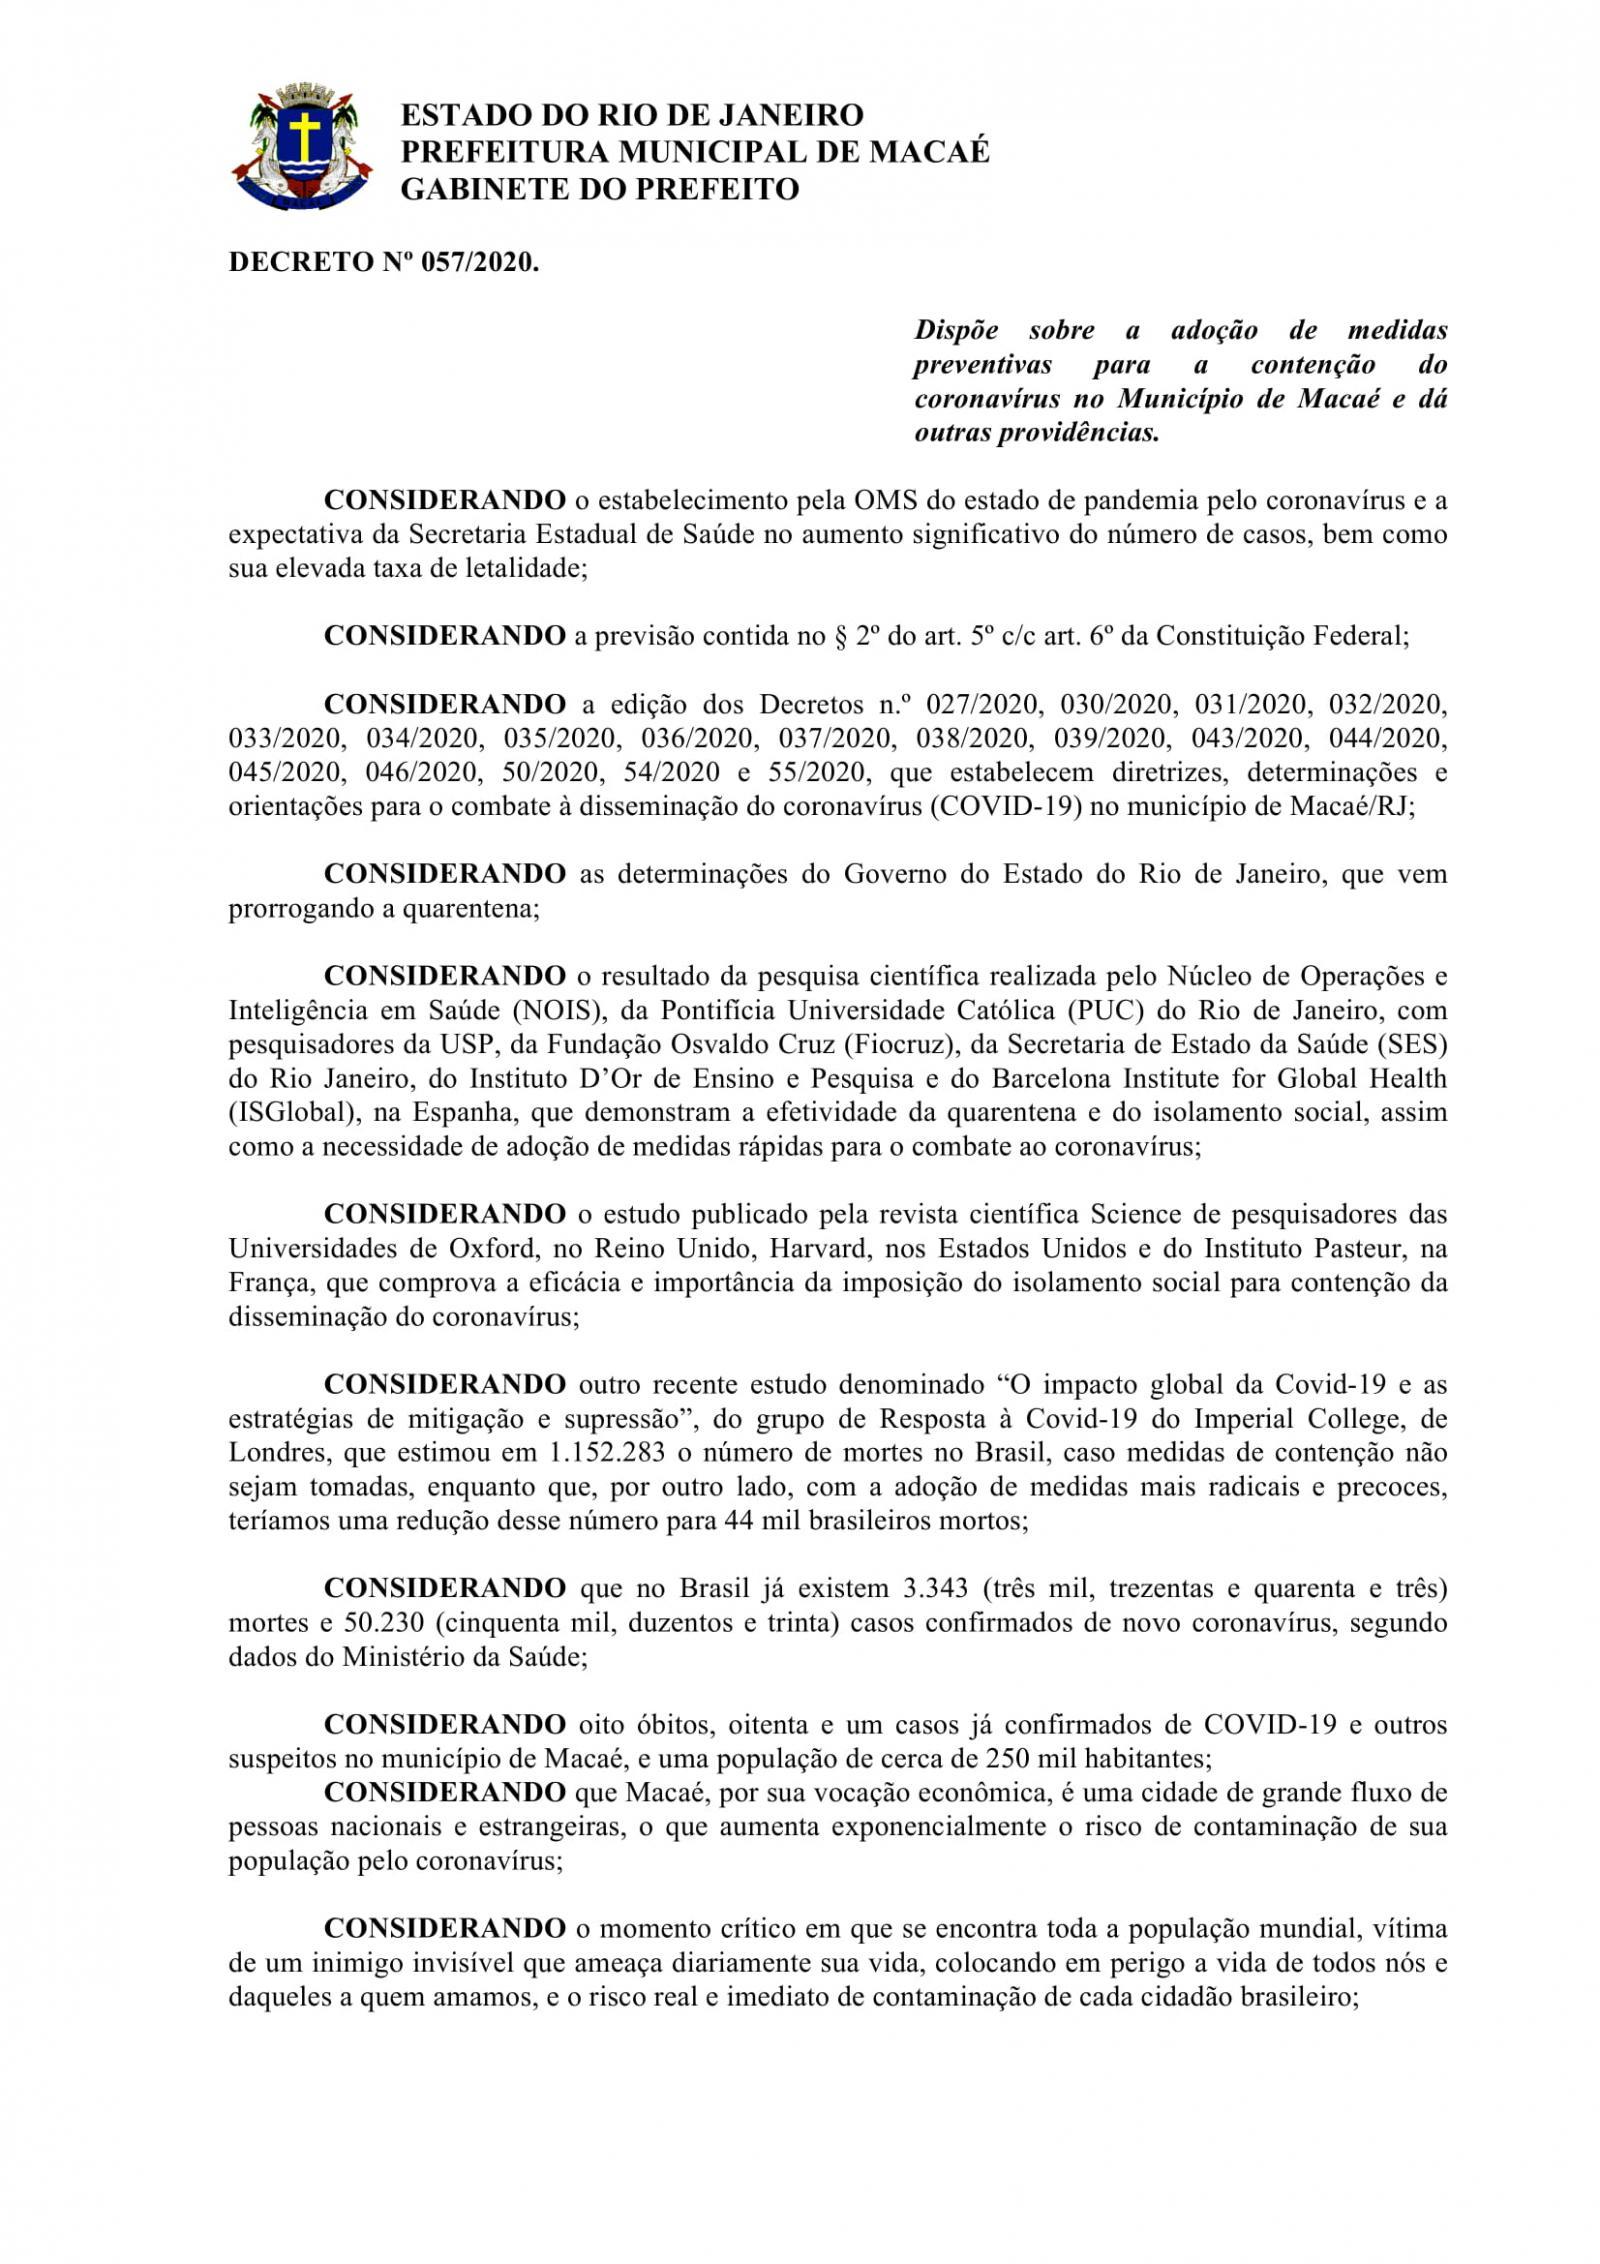 Decreto 057/2020 editado nesta sexta-feira (24) pela Prefeitura de Macaé, prorroga para até o dia 04/05 a suspenção das atividades laborais no município.